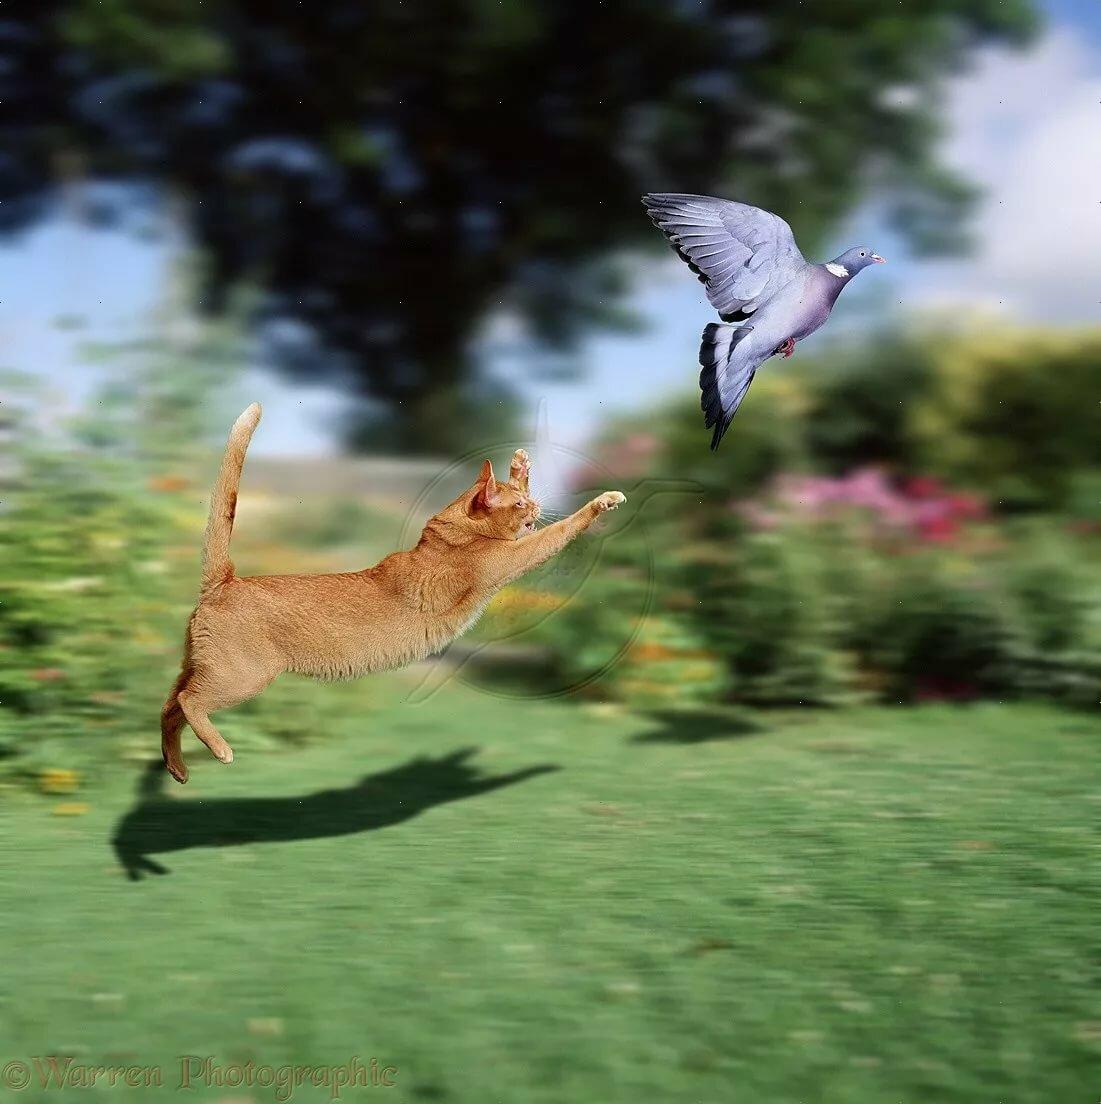 летать охота картинки отличие фокстерьера, джек-рассел-терьер